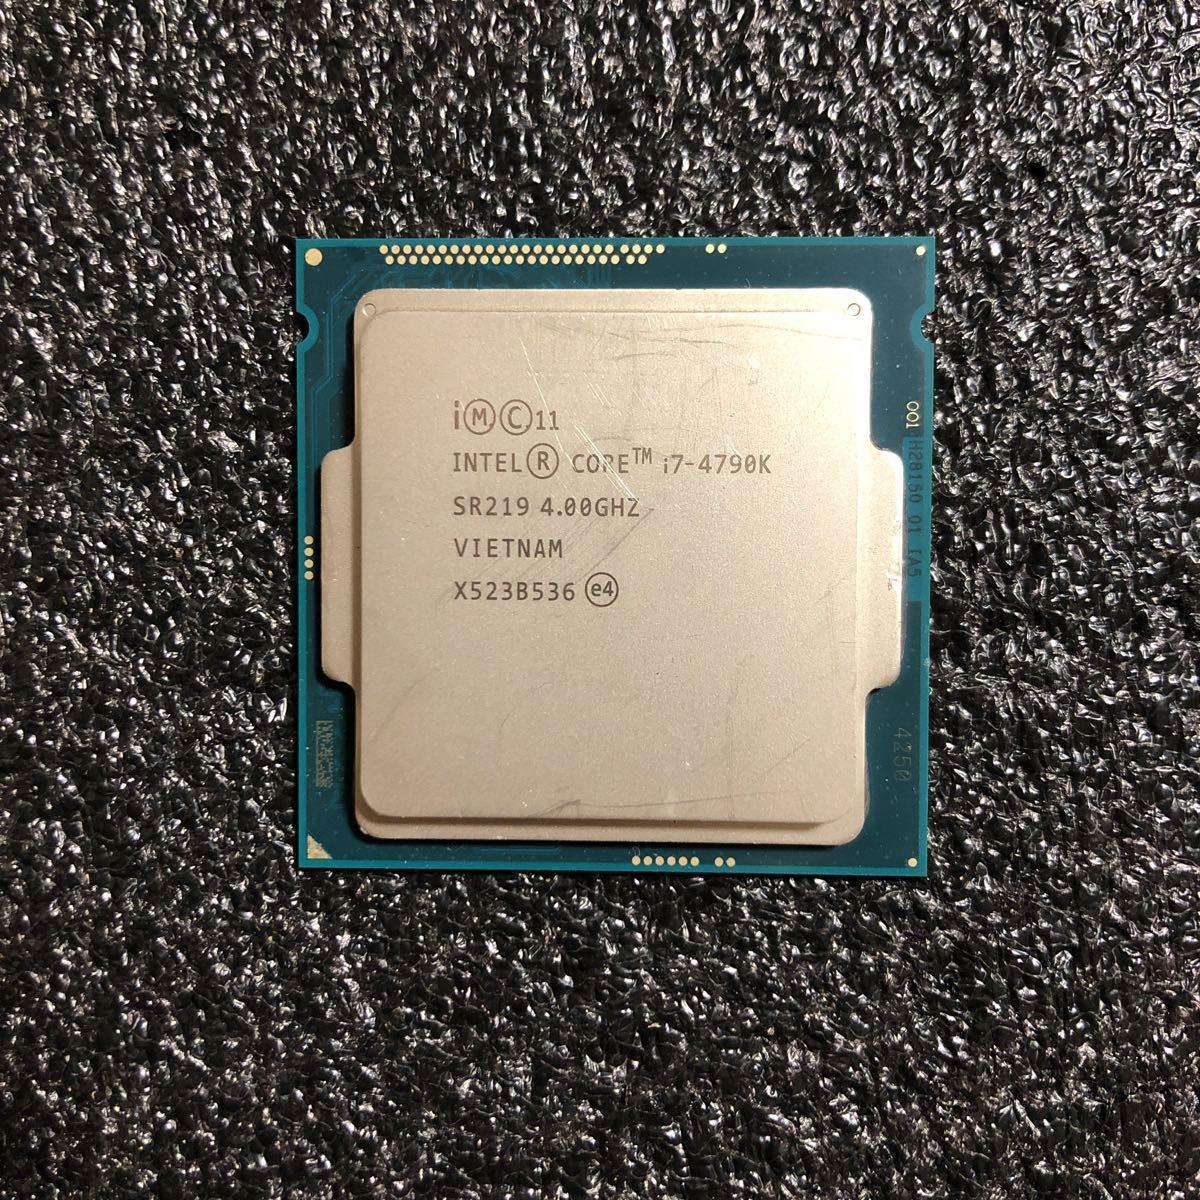 Intel CPU Core i7-4790K 4.00GHz